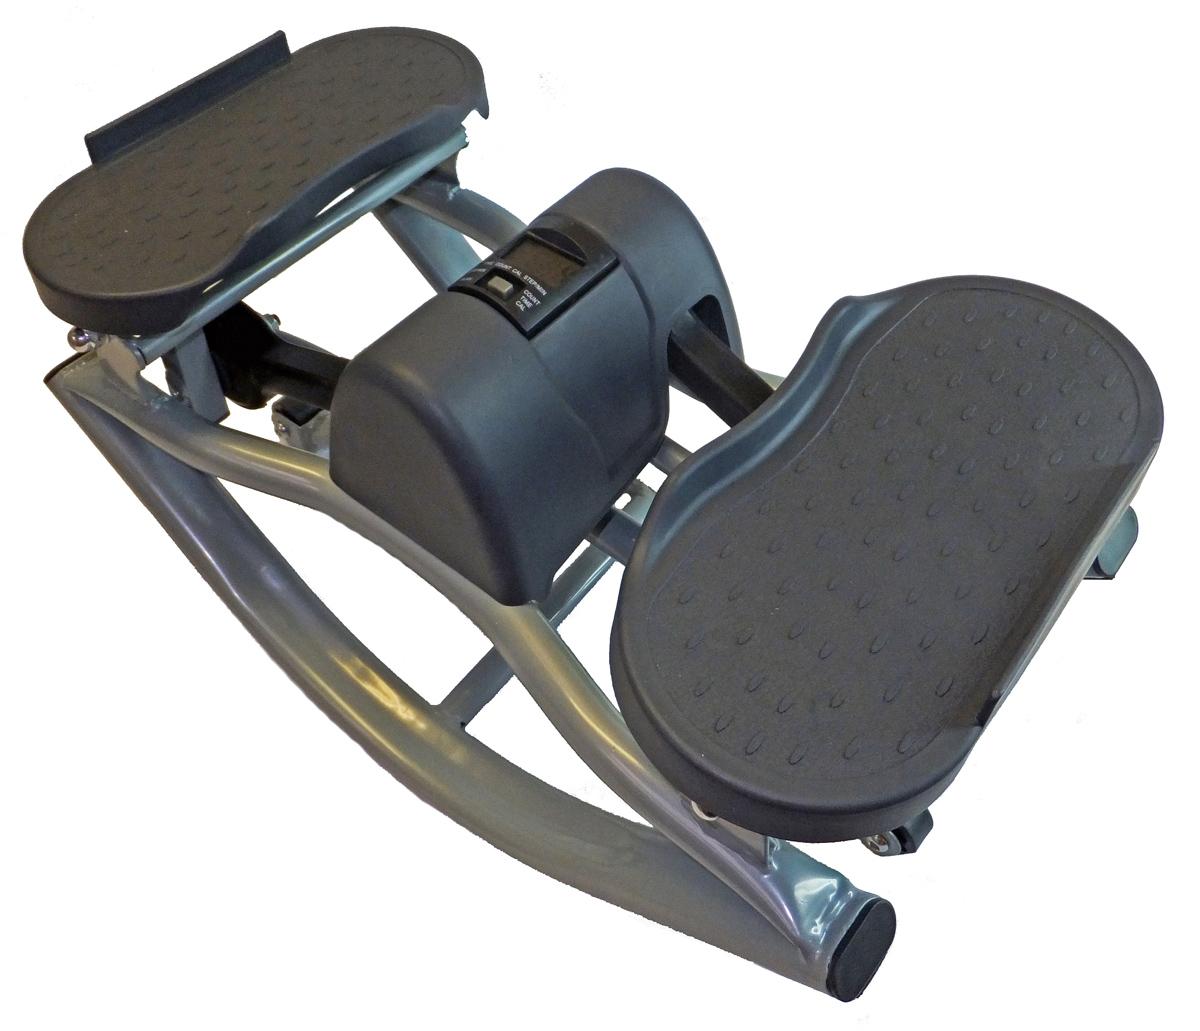 Степпер балансировочный Body Sculpture SE 5106, цвет: черныйGB-5106/ SE 5106Body Sculpture GB-5106/0722-03 - балансировочный министеппер, небольшой аэробный тренажер для дома и офиса (имитация ходьбы по лестнице). Отлично подойдет для тех, кто хочет самостоятельно в домашних условиях поддерживать свою физическую форму в хорошем состоянии. Занимаясь на этом тренажере, любой пользователь сможет тренировать различные группы мышц: бедра, ягодицы, бицепс, трицепс, плечи, спину. Балансировочный министеппер Body Sculpture GB-5106/0722-03 имеет удобный бортовой компьютер, который отслеживает время выполнения упражнения, скорость ходьбы, количество сделанных шагов и количество потраченных калорий. Министеппер Body Sculpture GB-5106/0722-03 - это максимально эффективный и при этом самый компактный и самый миниатюрный тренажер. Он подходит для большинства квартир, не занимает много места, Вы сможете хранить его даже под кроватью. Характеристики: Конструкция проста, надежна и компактна. Бесшумная модель, приводимая в движение...